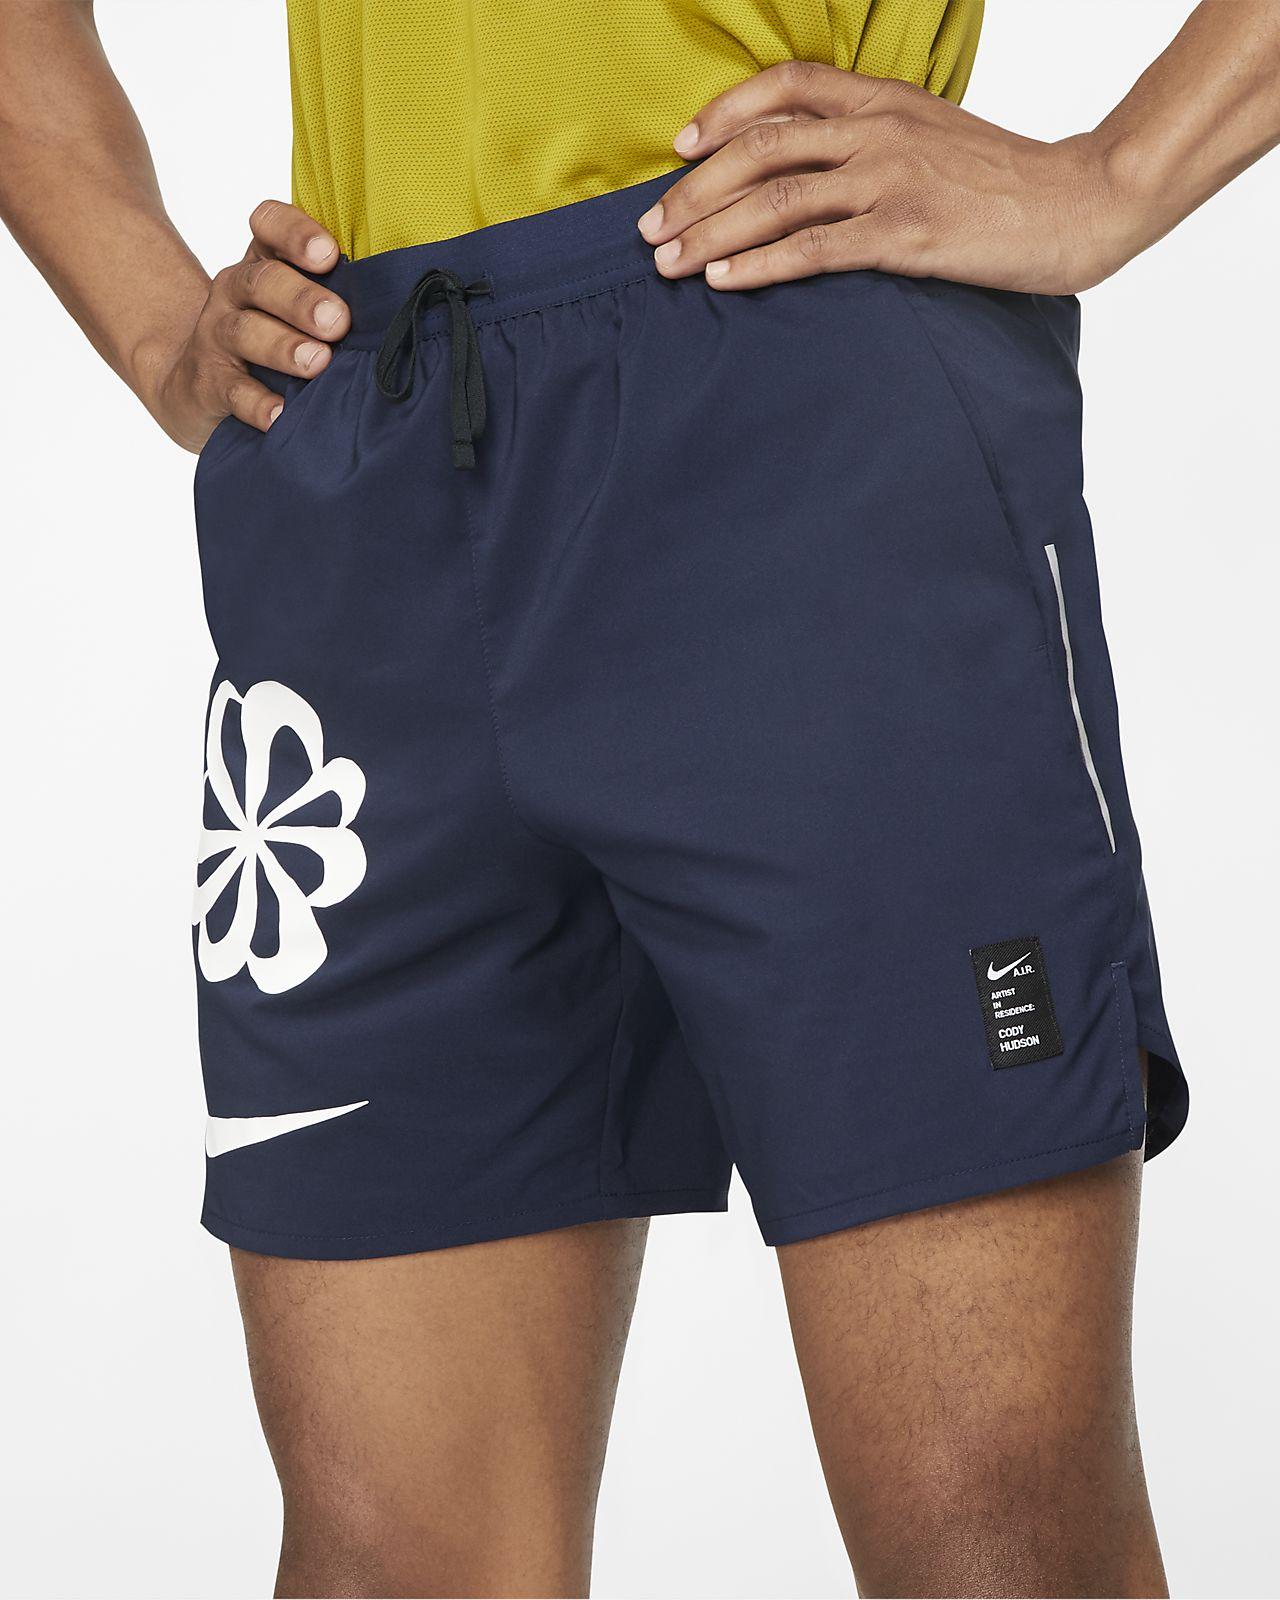 Nike Dri-FIT Flex Stride A.I.R. Short de running imprimé Cody Hudson pour Homme